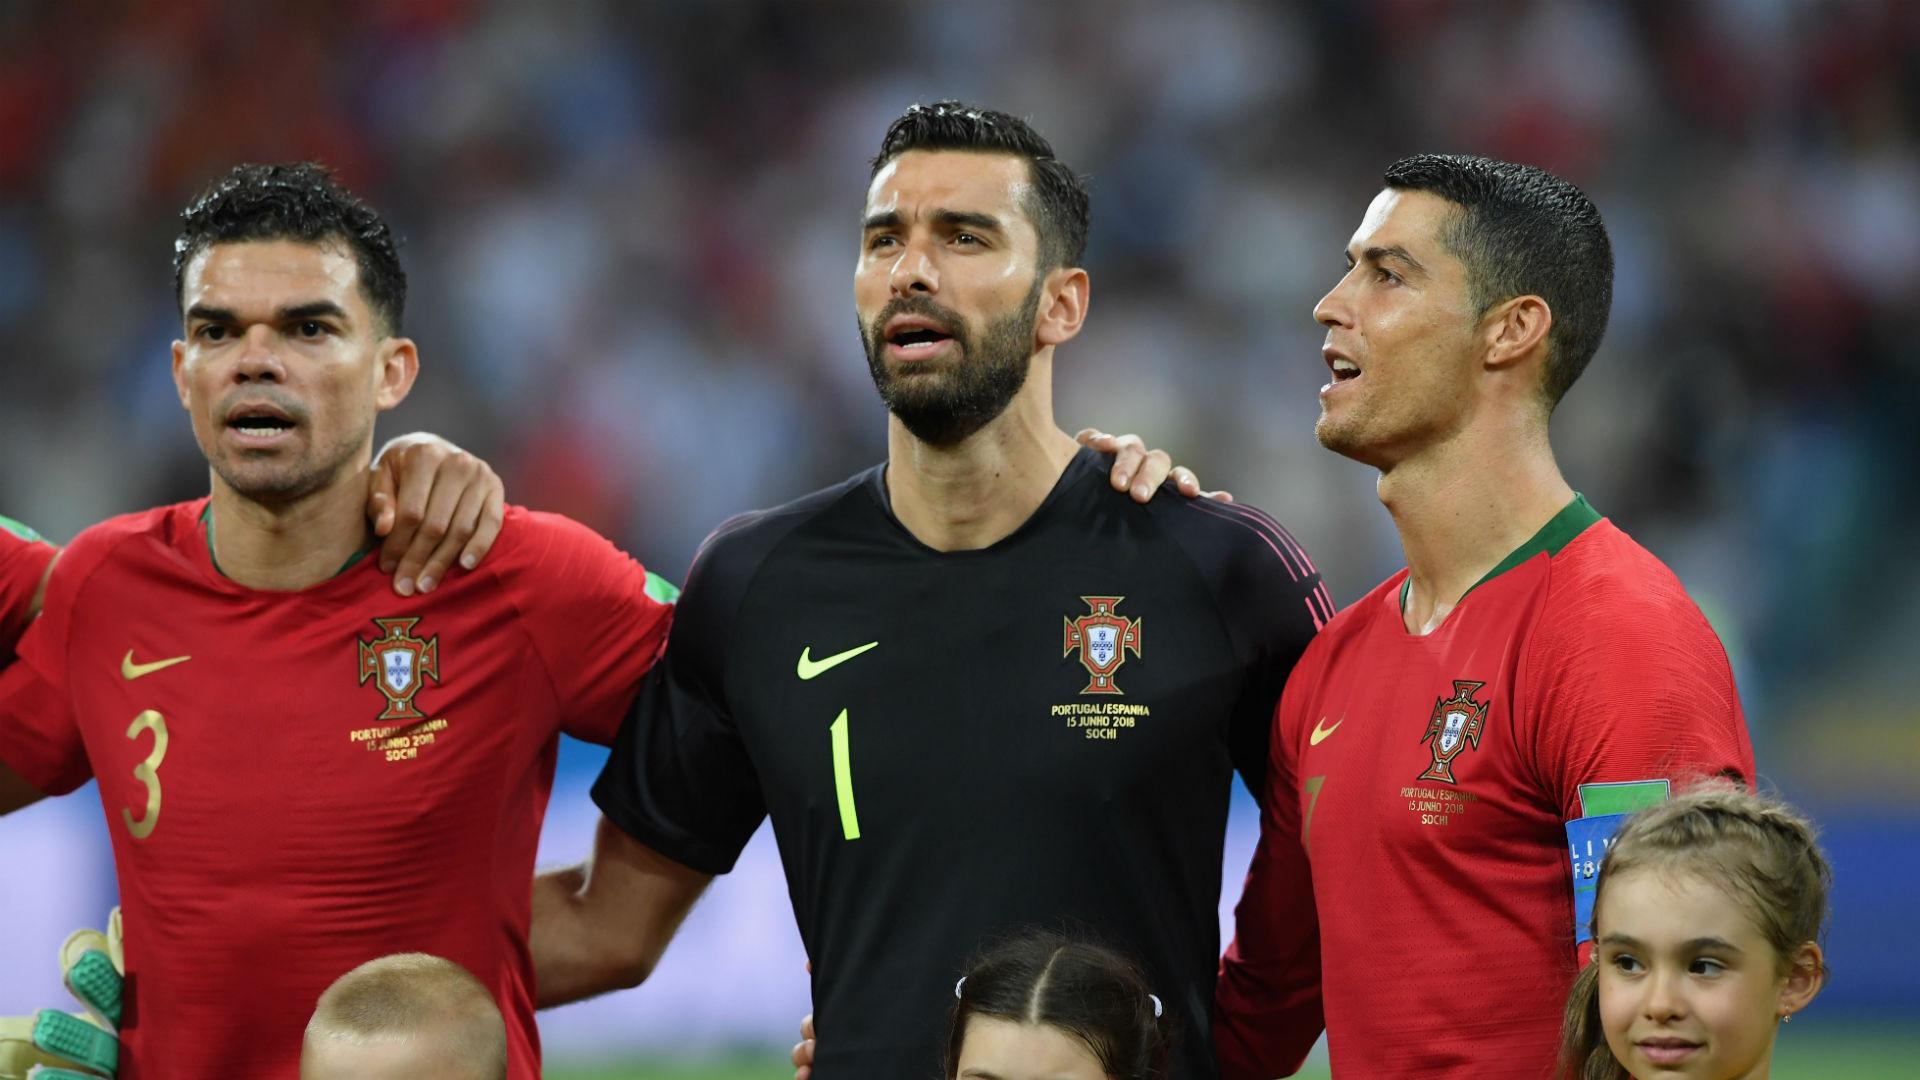 Rui Patricio Pepe Cristiano Ronaldo Portugal